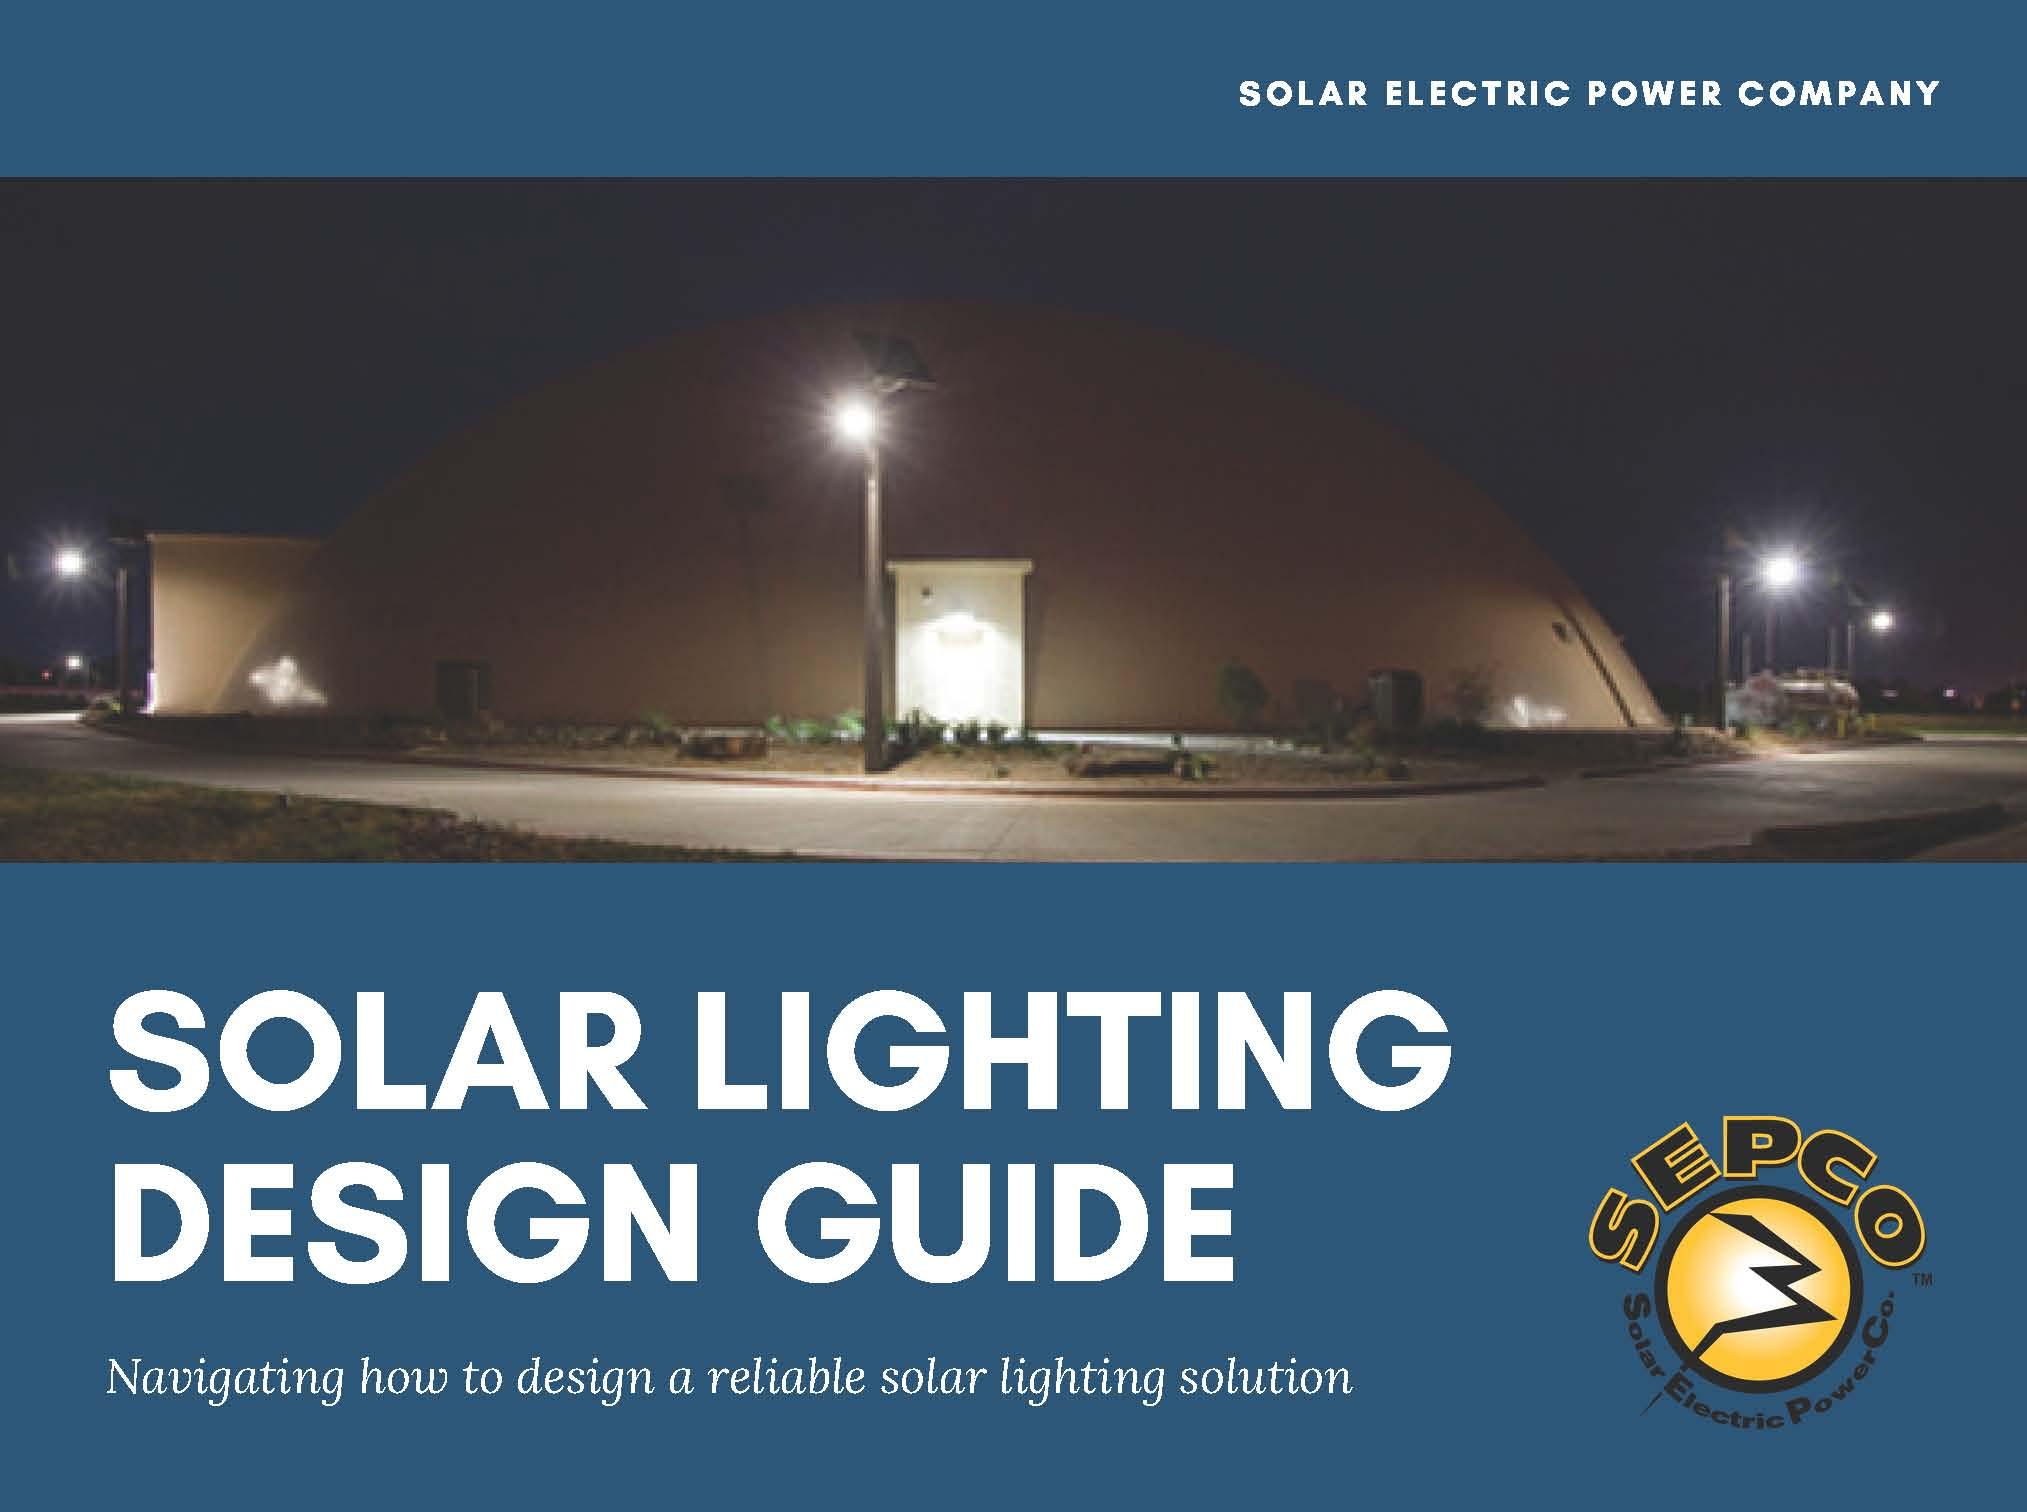 Solar Lighting Design Guide